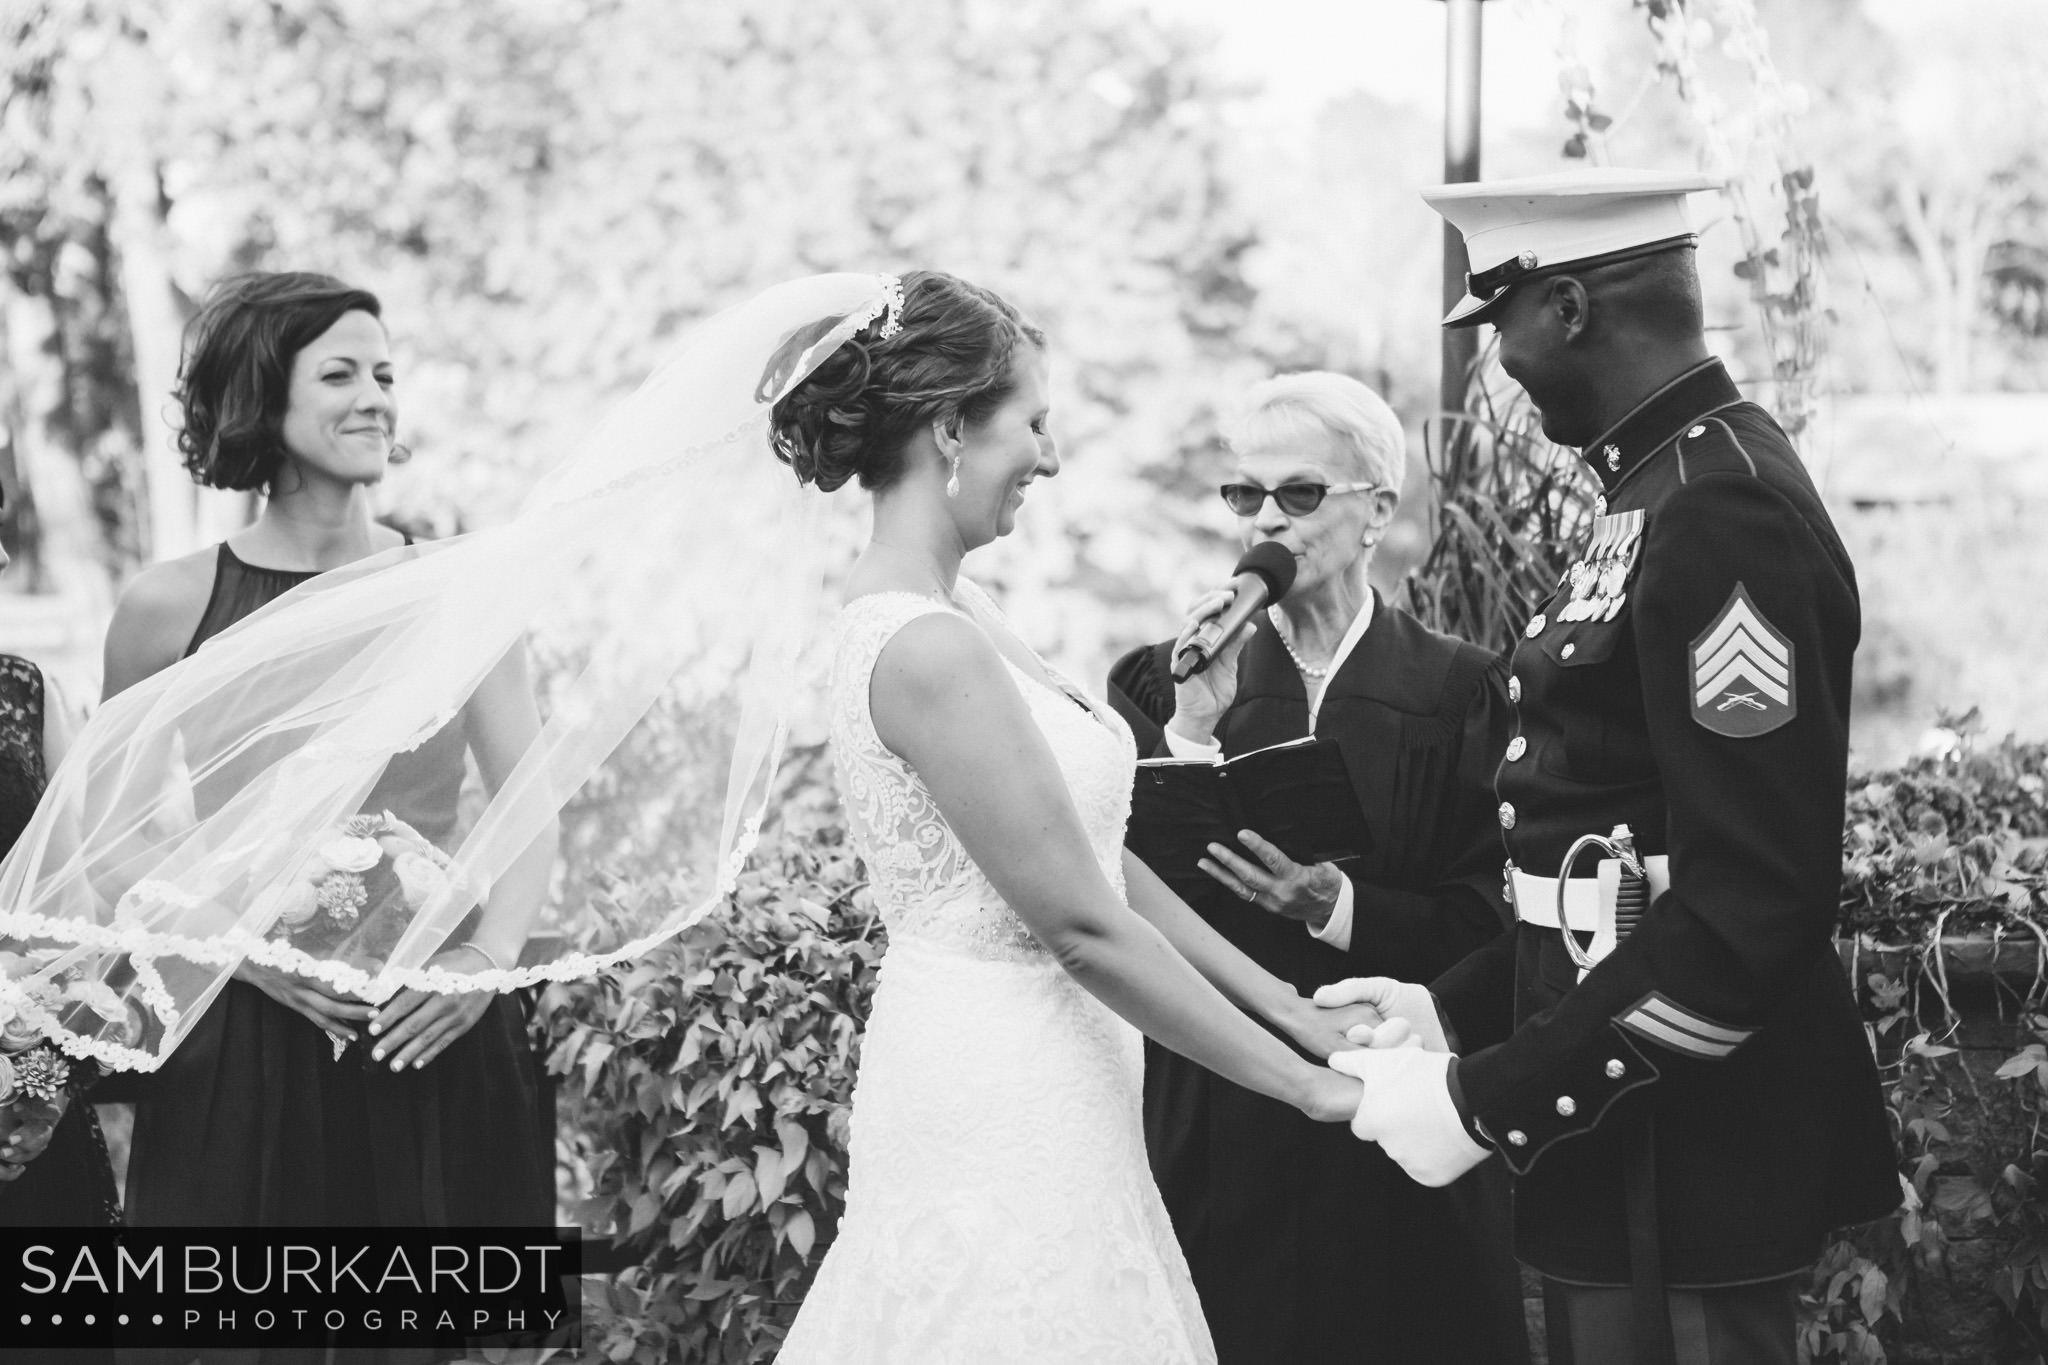 samburkardt_pond_house_hartford_wedding_fall_0044.jpg